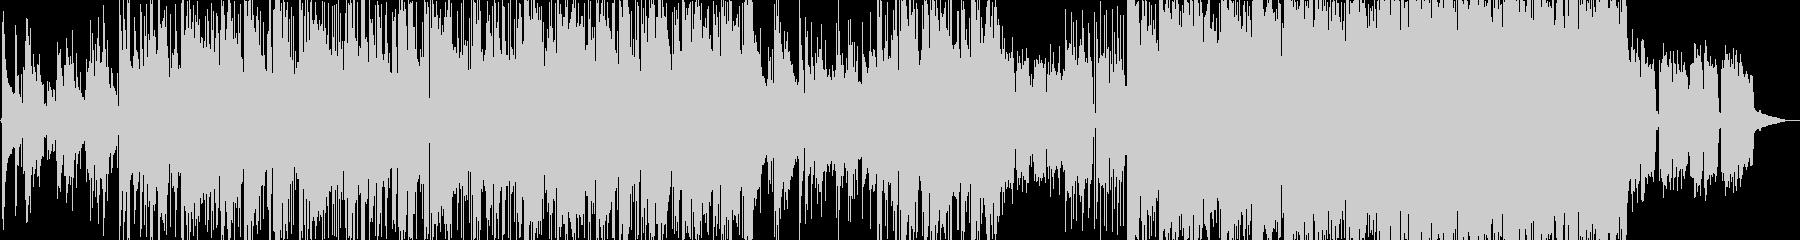 穏やかで優しいエレクトロニカ曲の未再生の波形